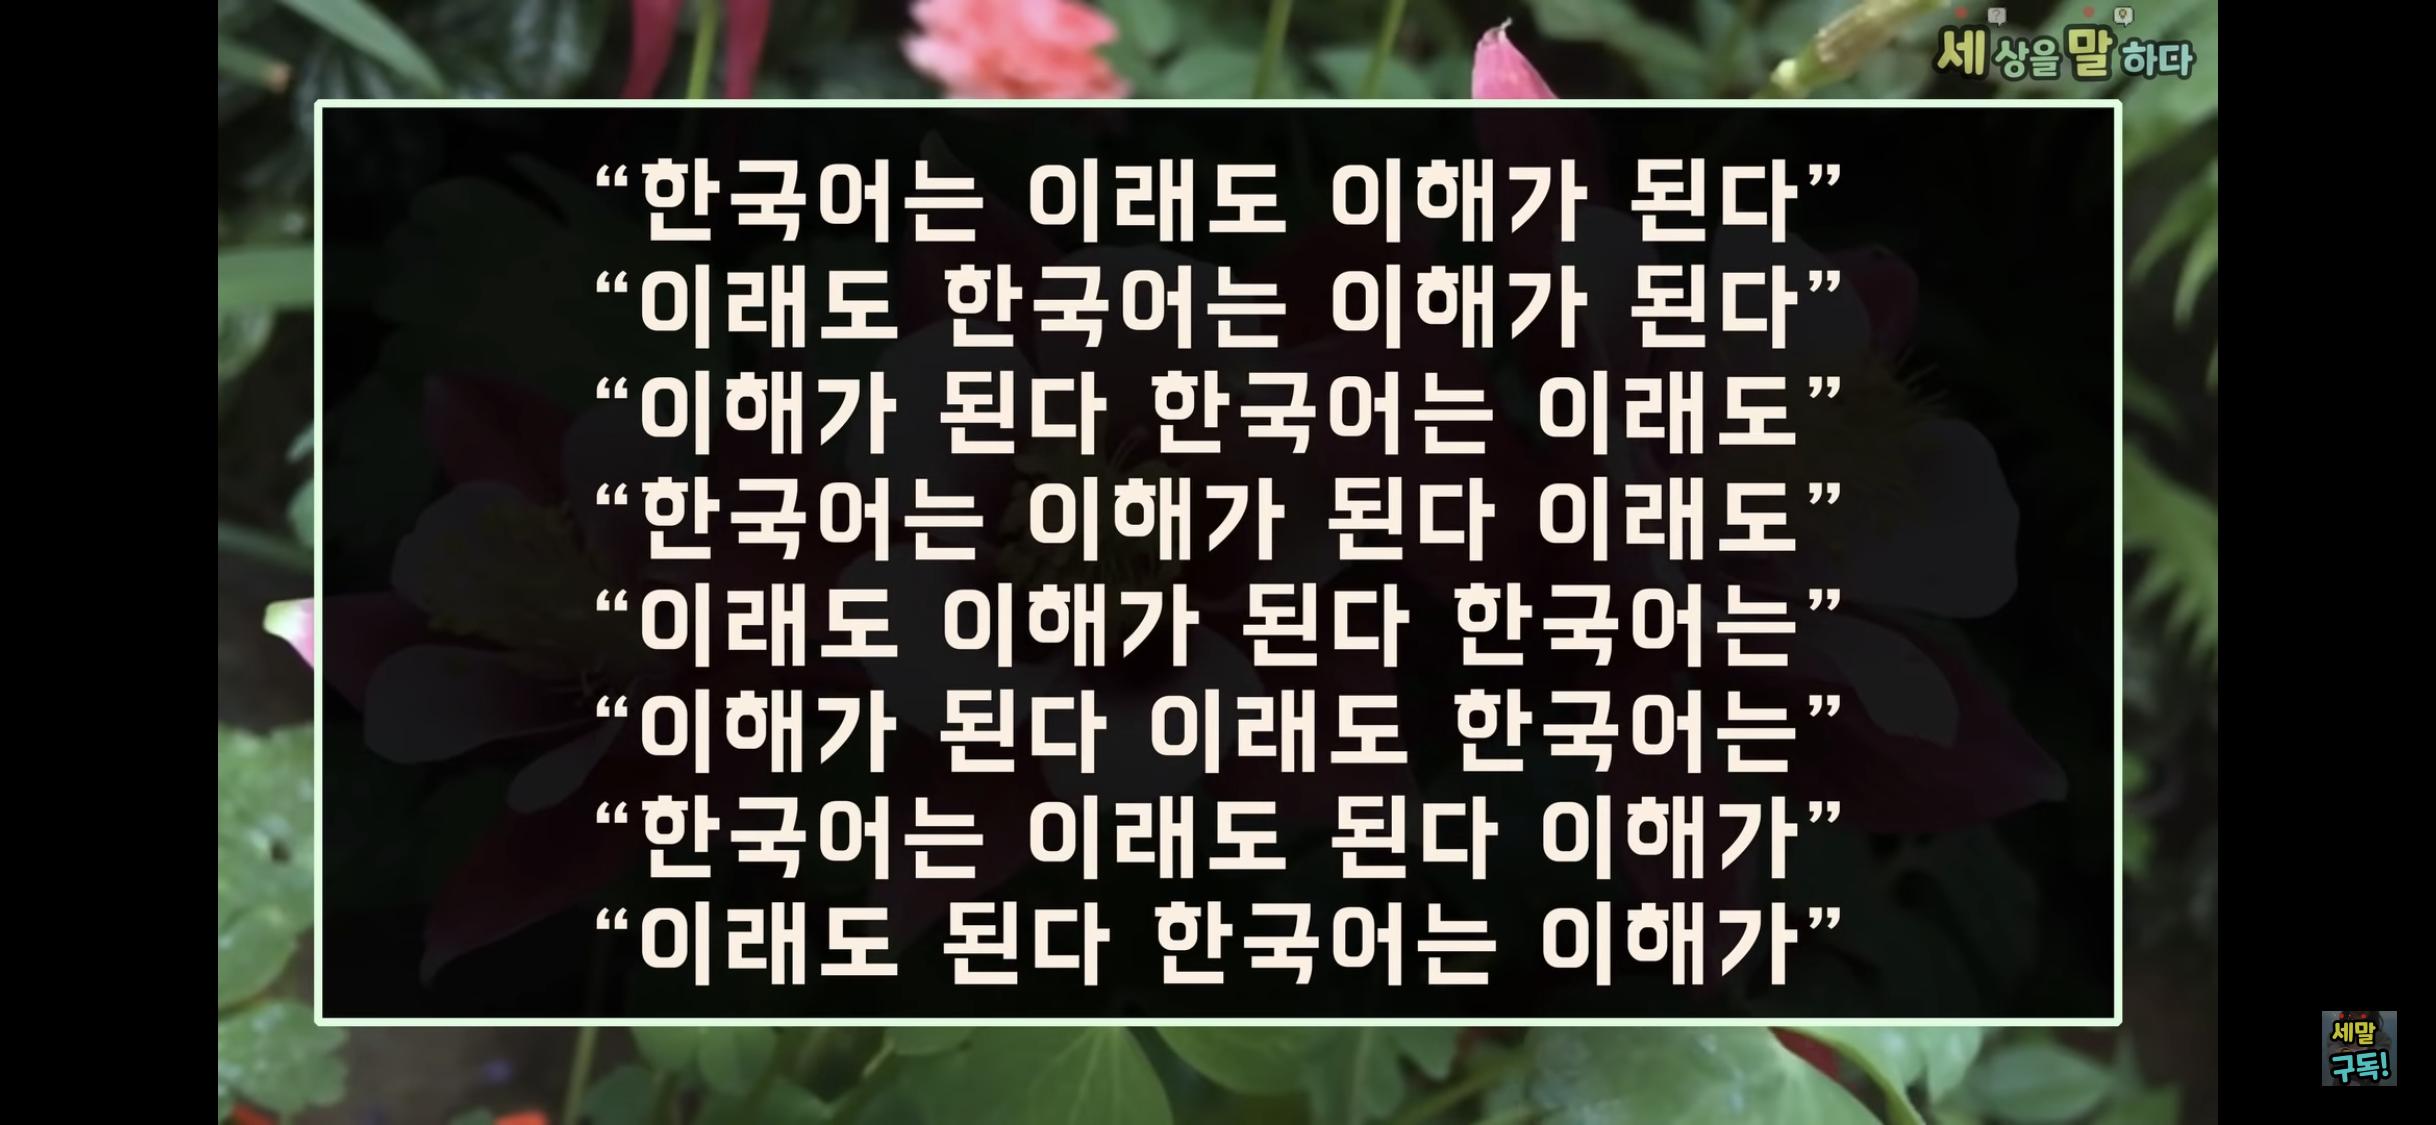 [유머] 외쿡인이 말하는 한국어 -  와이드섬